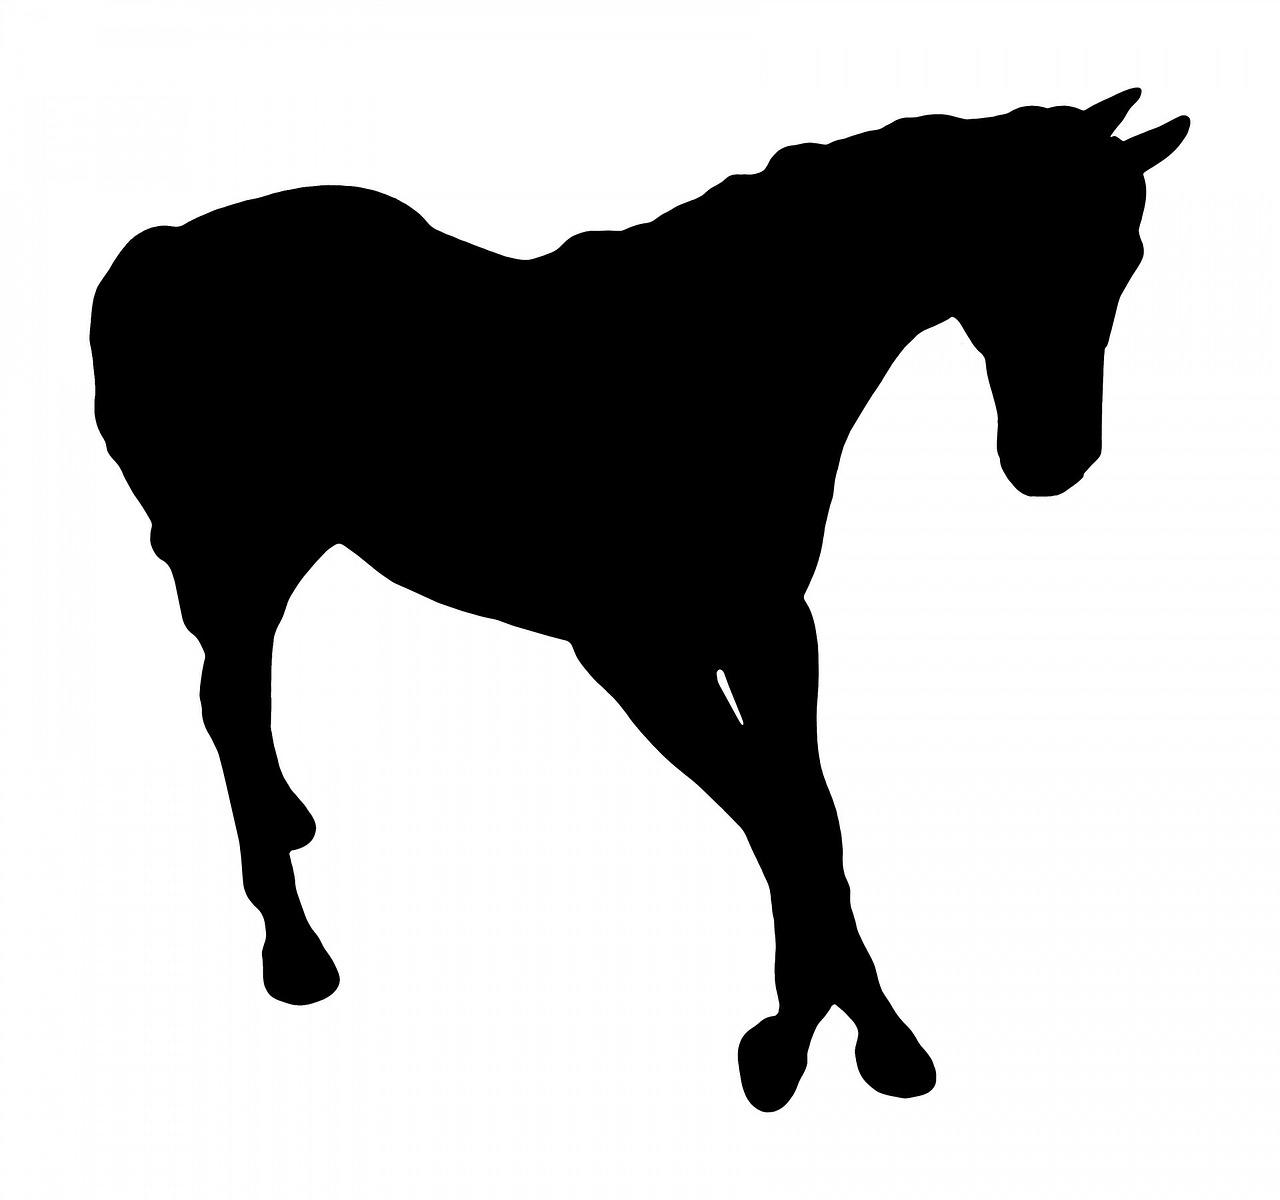 Horse Walking Free Image On Pixabay